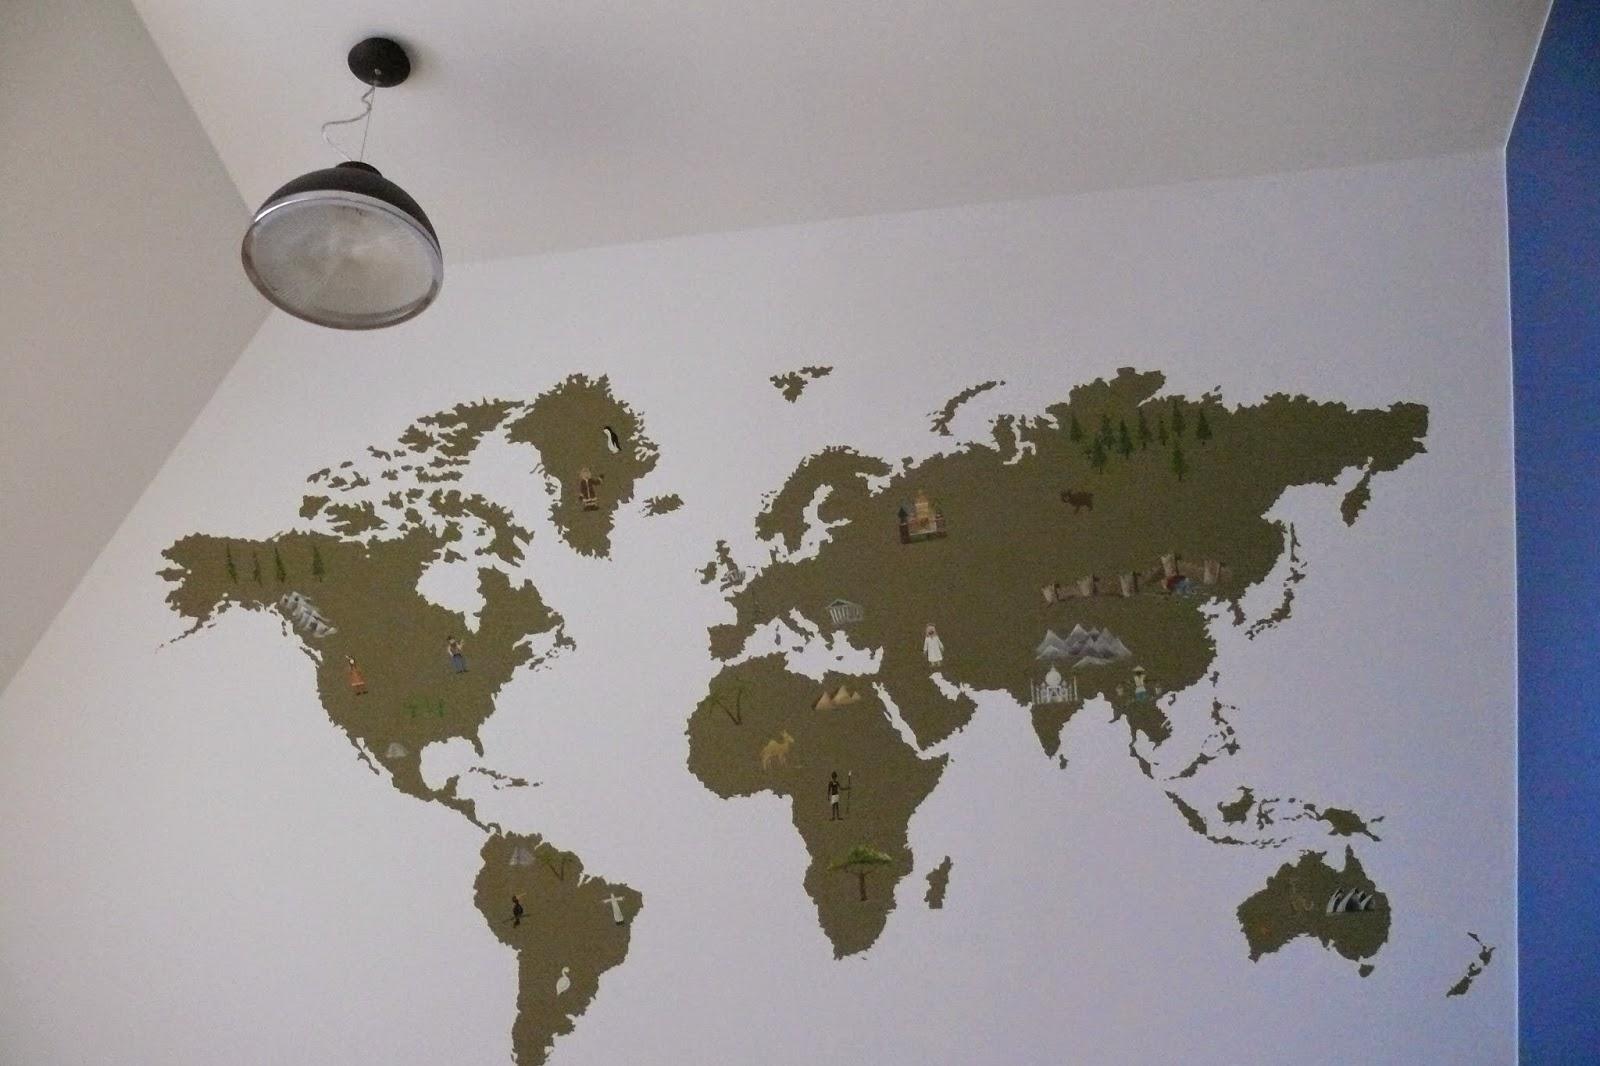 Malowanie mapy świata na ścianie w pokoju noworodka, aranżacja pokoju niemowlęcego